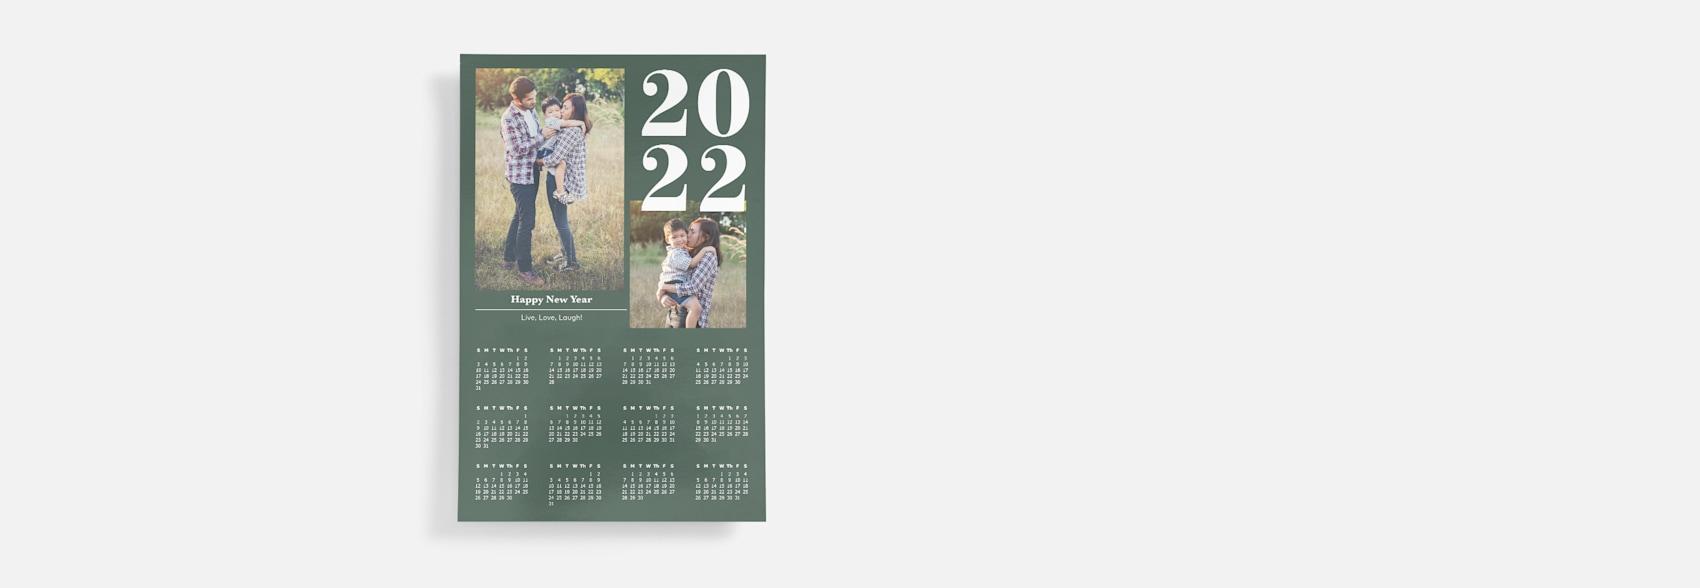 poster calendar with family photos